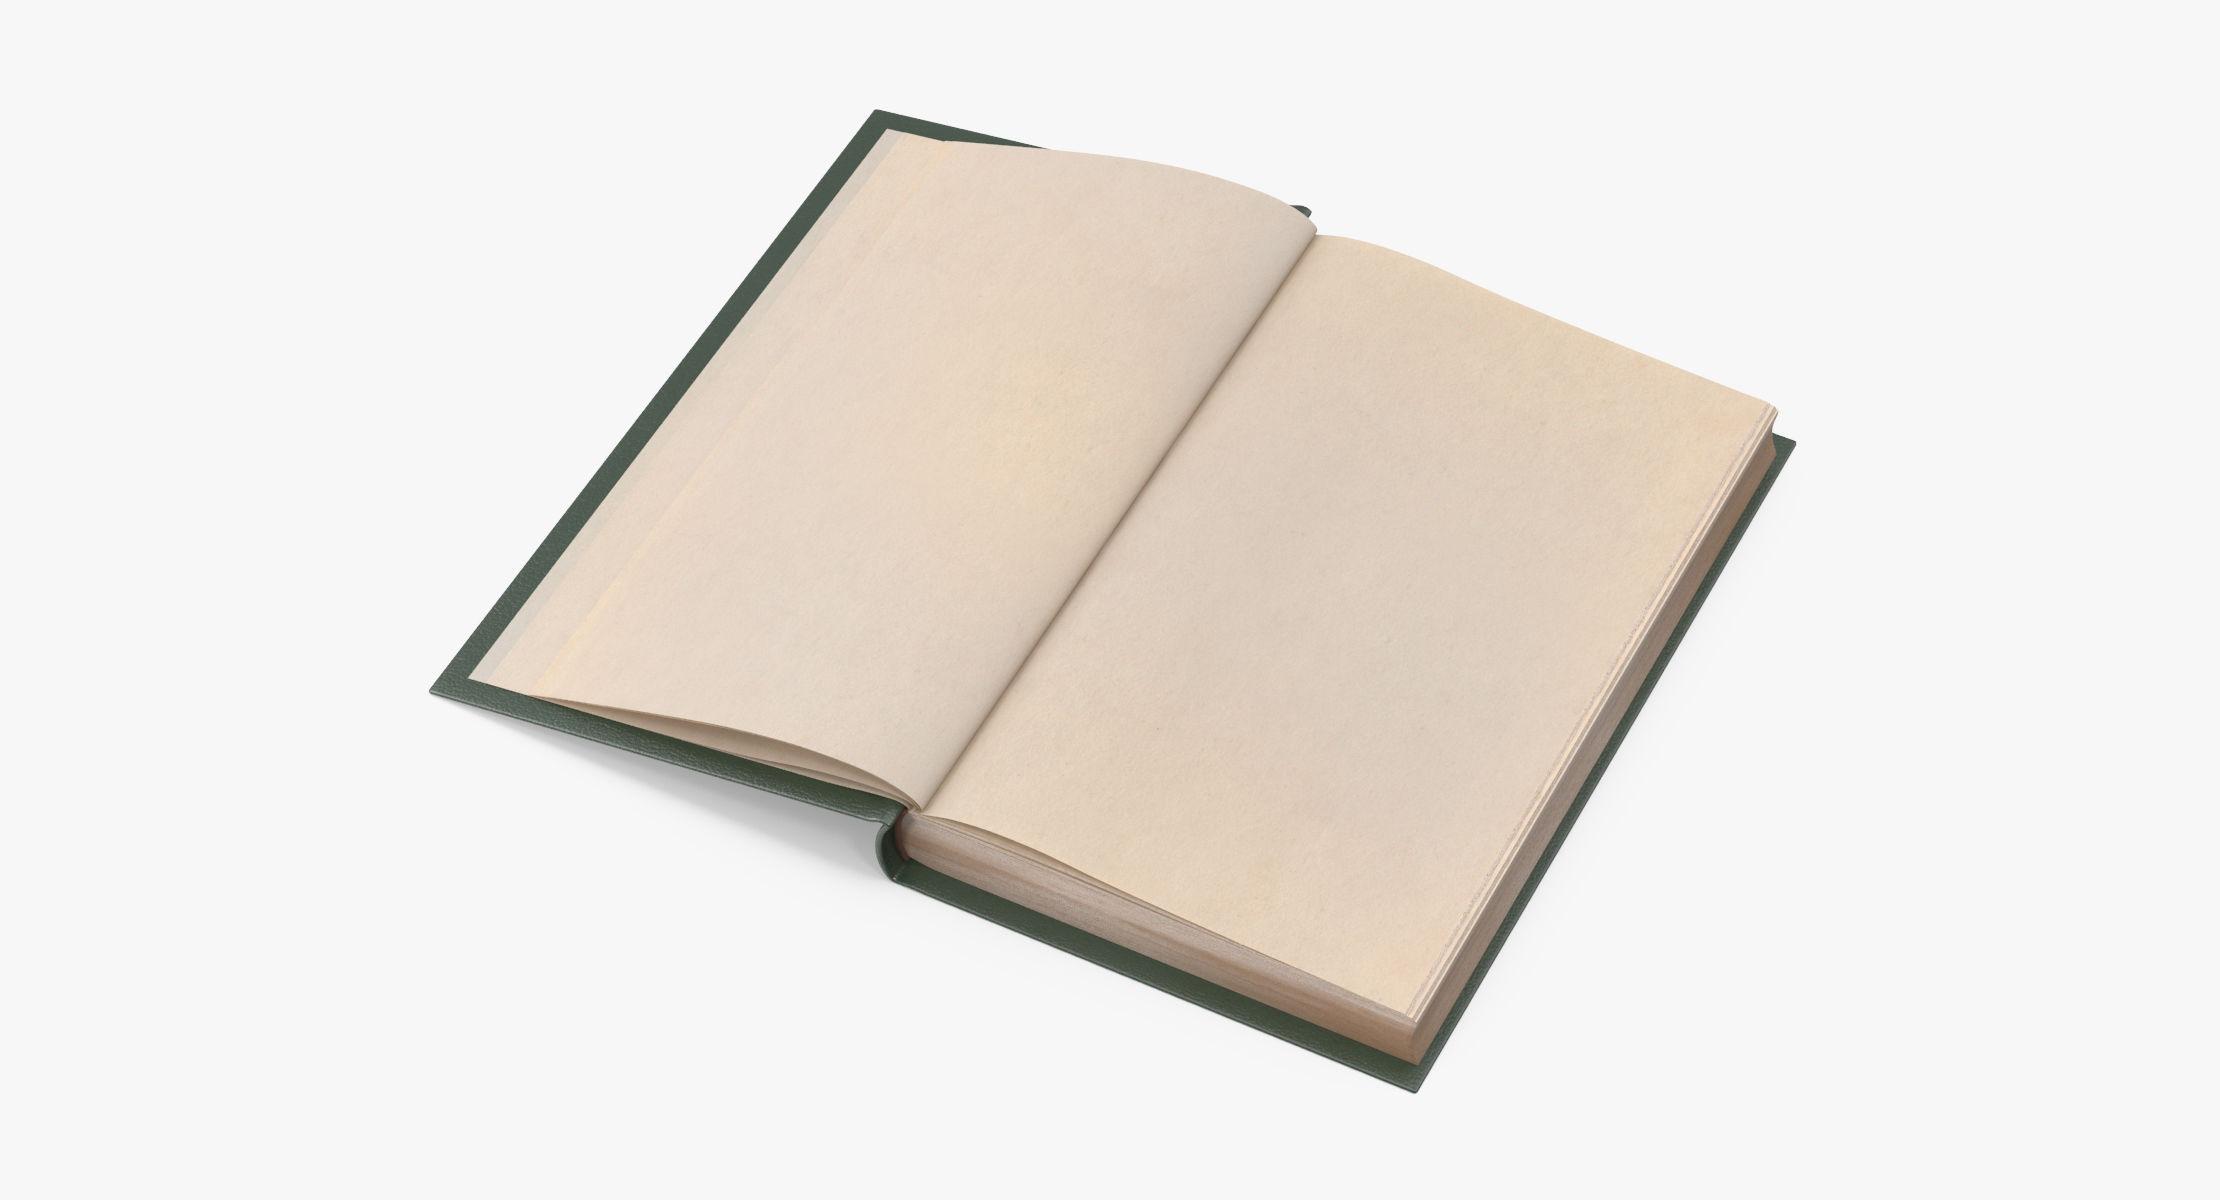 Classic Book 06 Open Beginning - reel 1